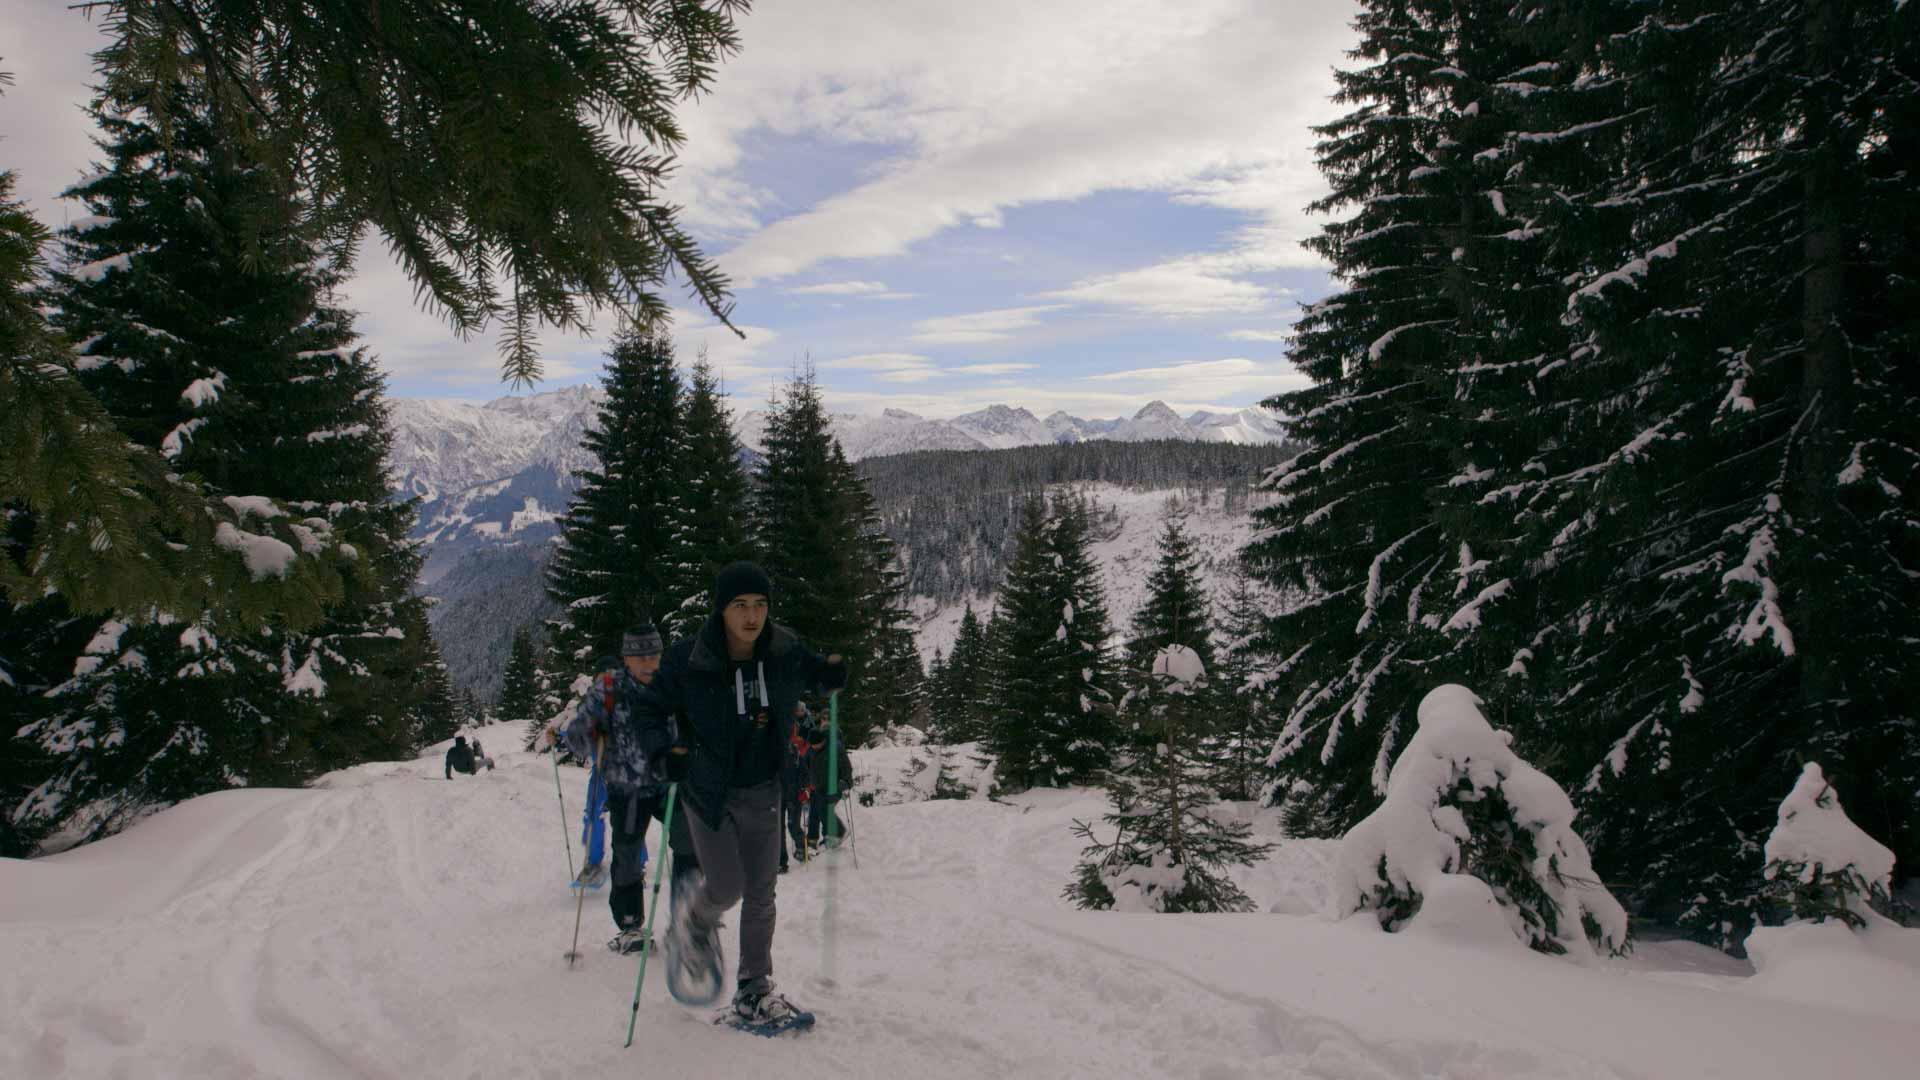 Geflüchtete beim Schneeschuh-Ausflug in die Alpen